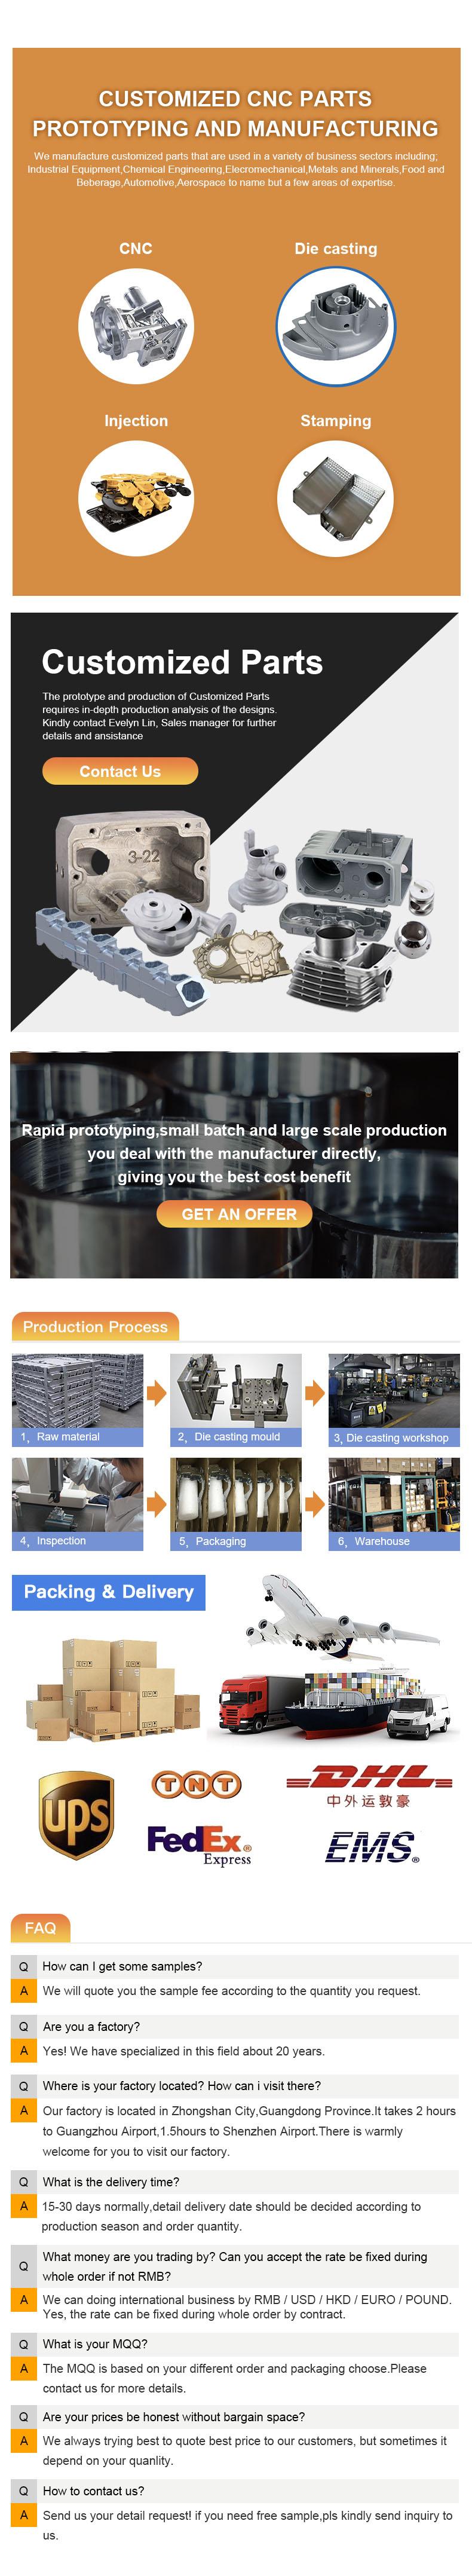 aluminium die casting harga mesin,CNC MACHINING PARTS,PRECISION CNC MACHINING PARTS,CNC ALUMINUM PARTS,Machined Products,CNC Machined Products,BoYang Hardware Products